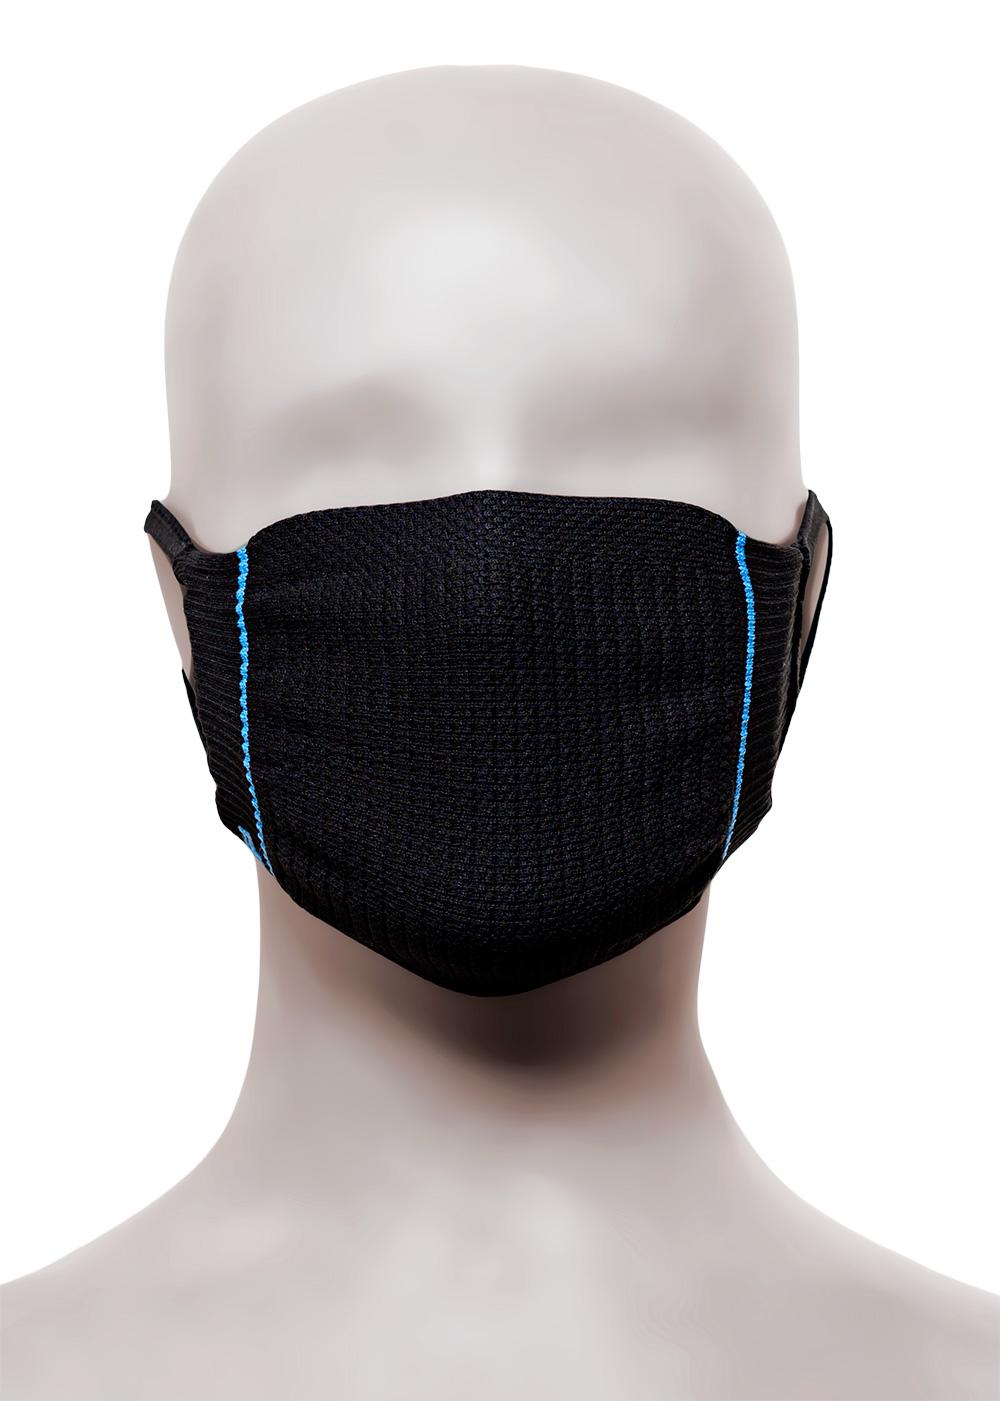 Kit com 2 Máscaras de Proteção Infantil Lupo 7 a 12 anos Virus-Bac OFF